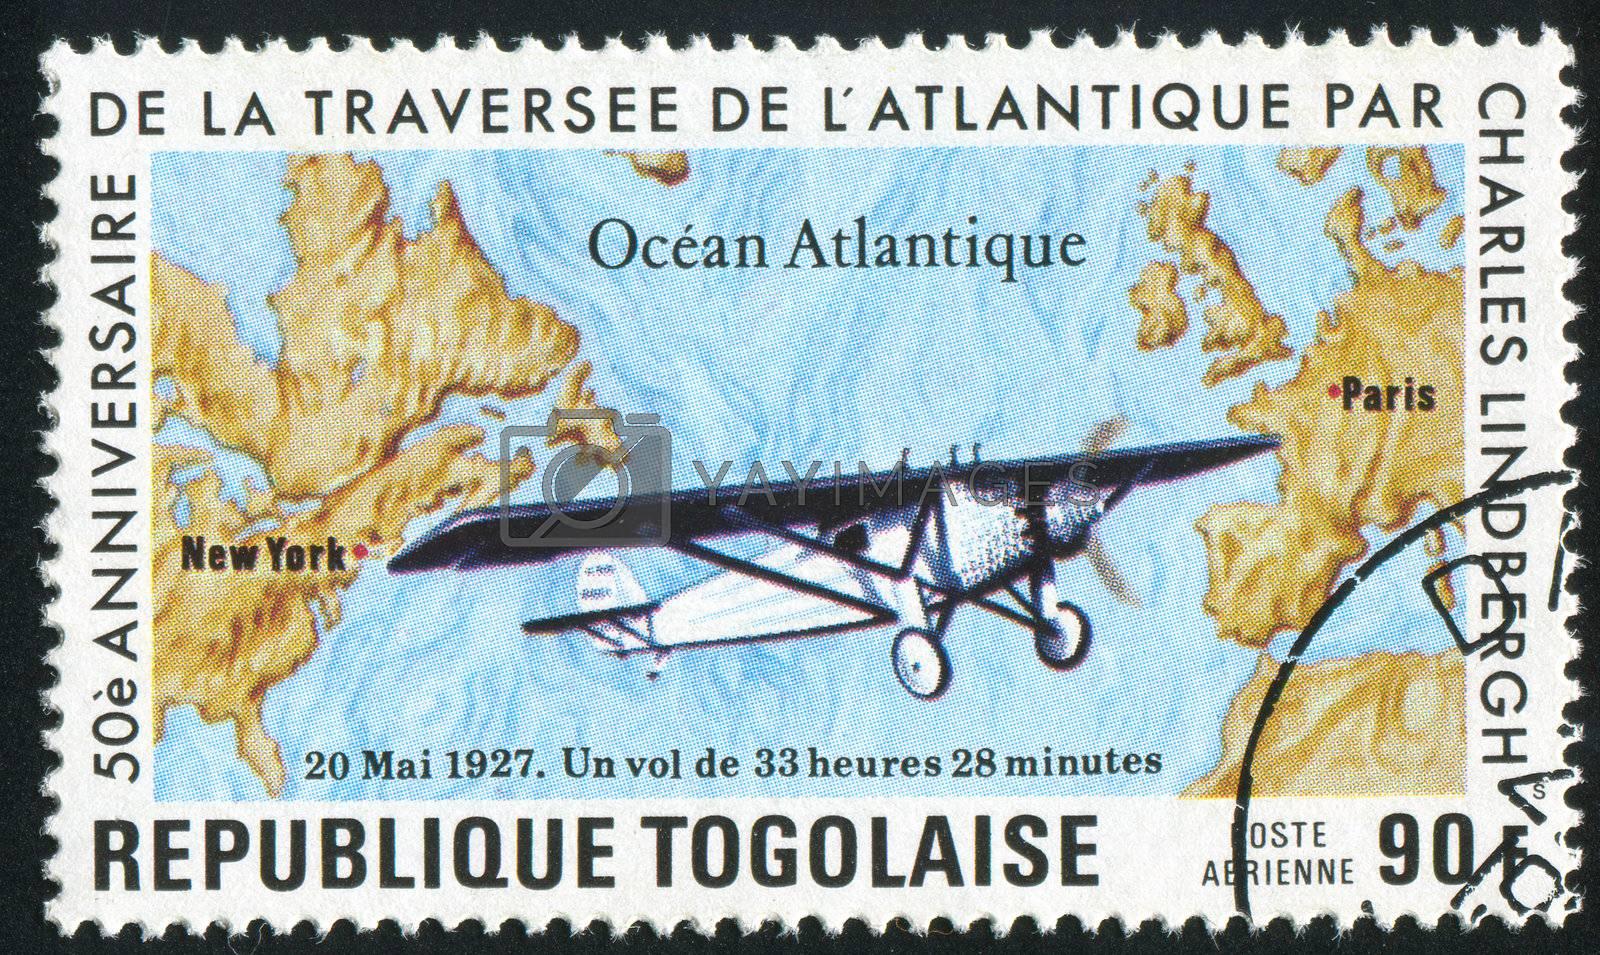 TOGO - CIRCA 1977: stamp printed by Togo, shows retro car, circa 1977.